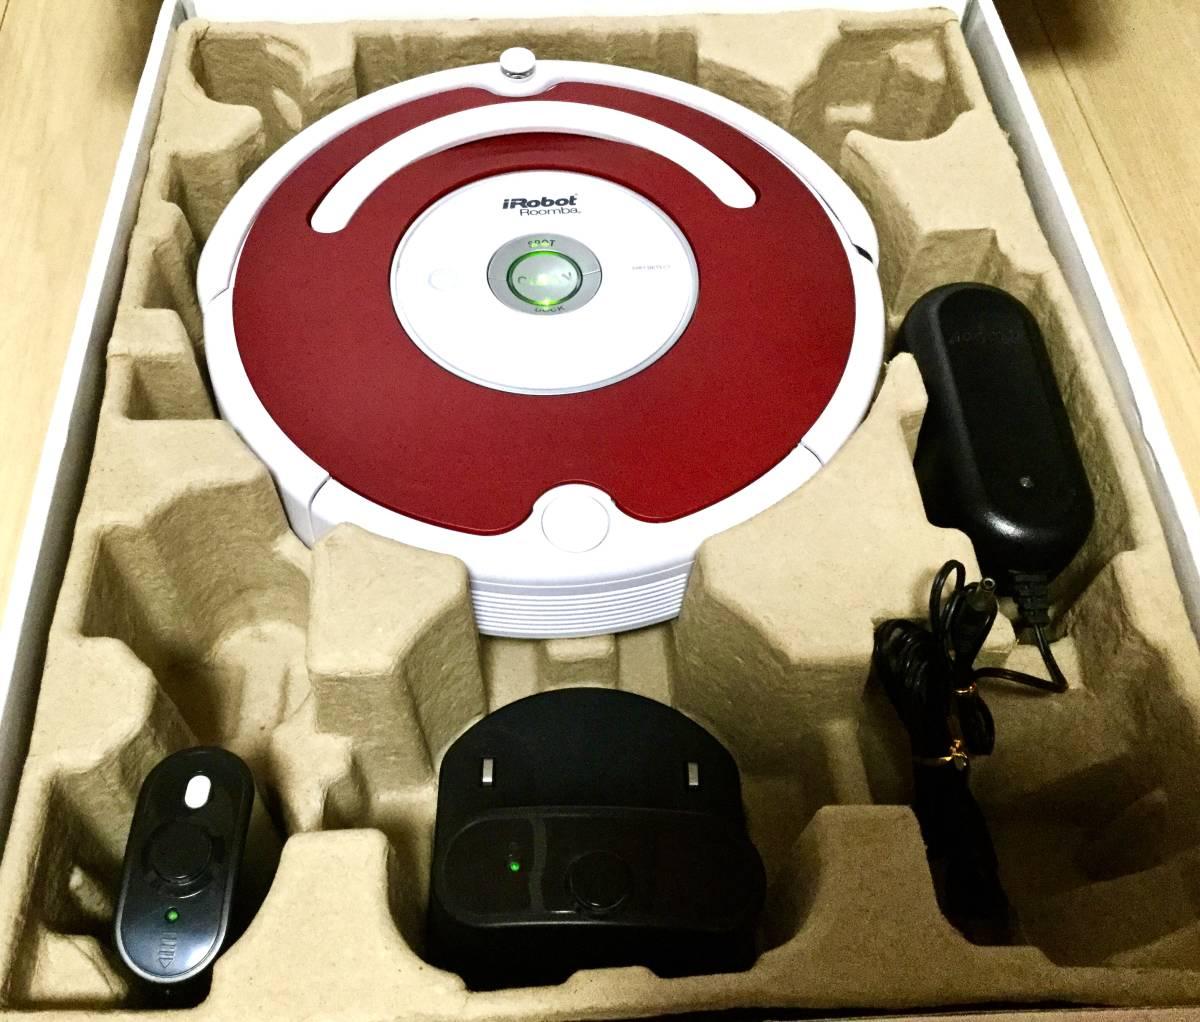 極美品! ルンバ ロボット掃除機 iRobot Roomba 538バッテリー新品! エッジブラシ新品! フィルター新品!_画像9